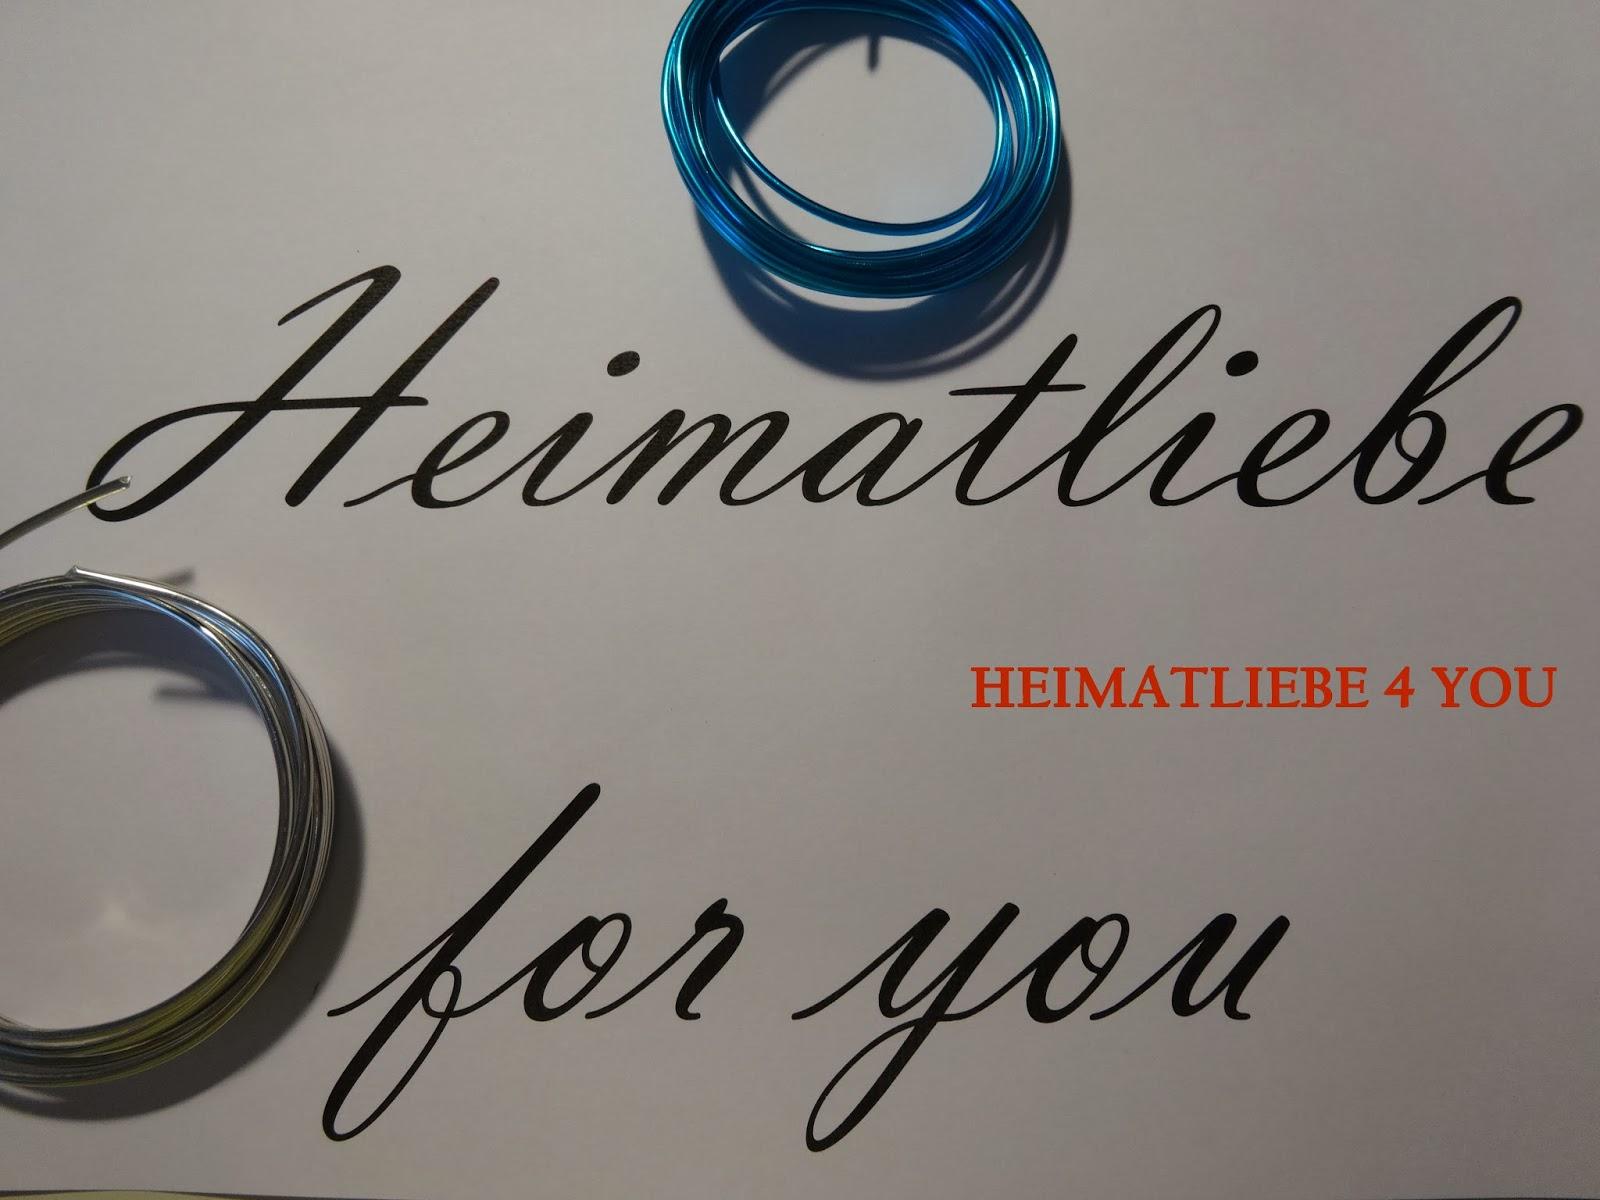 HEIMATLIEBE 4 YOU: Heim@Werke - Drahtige Botschaften